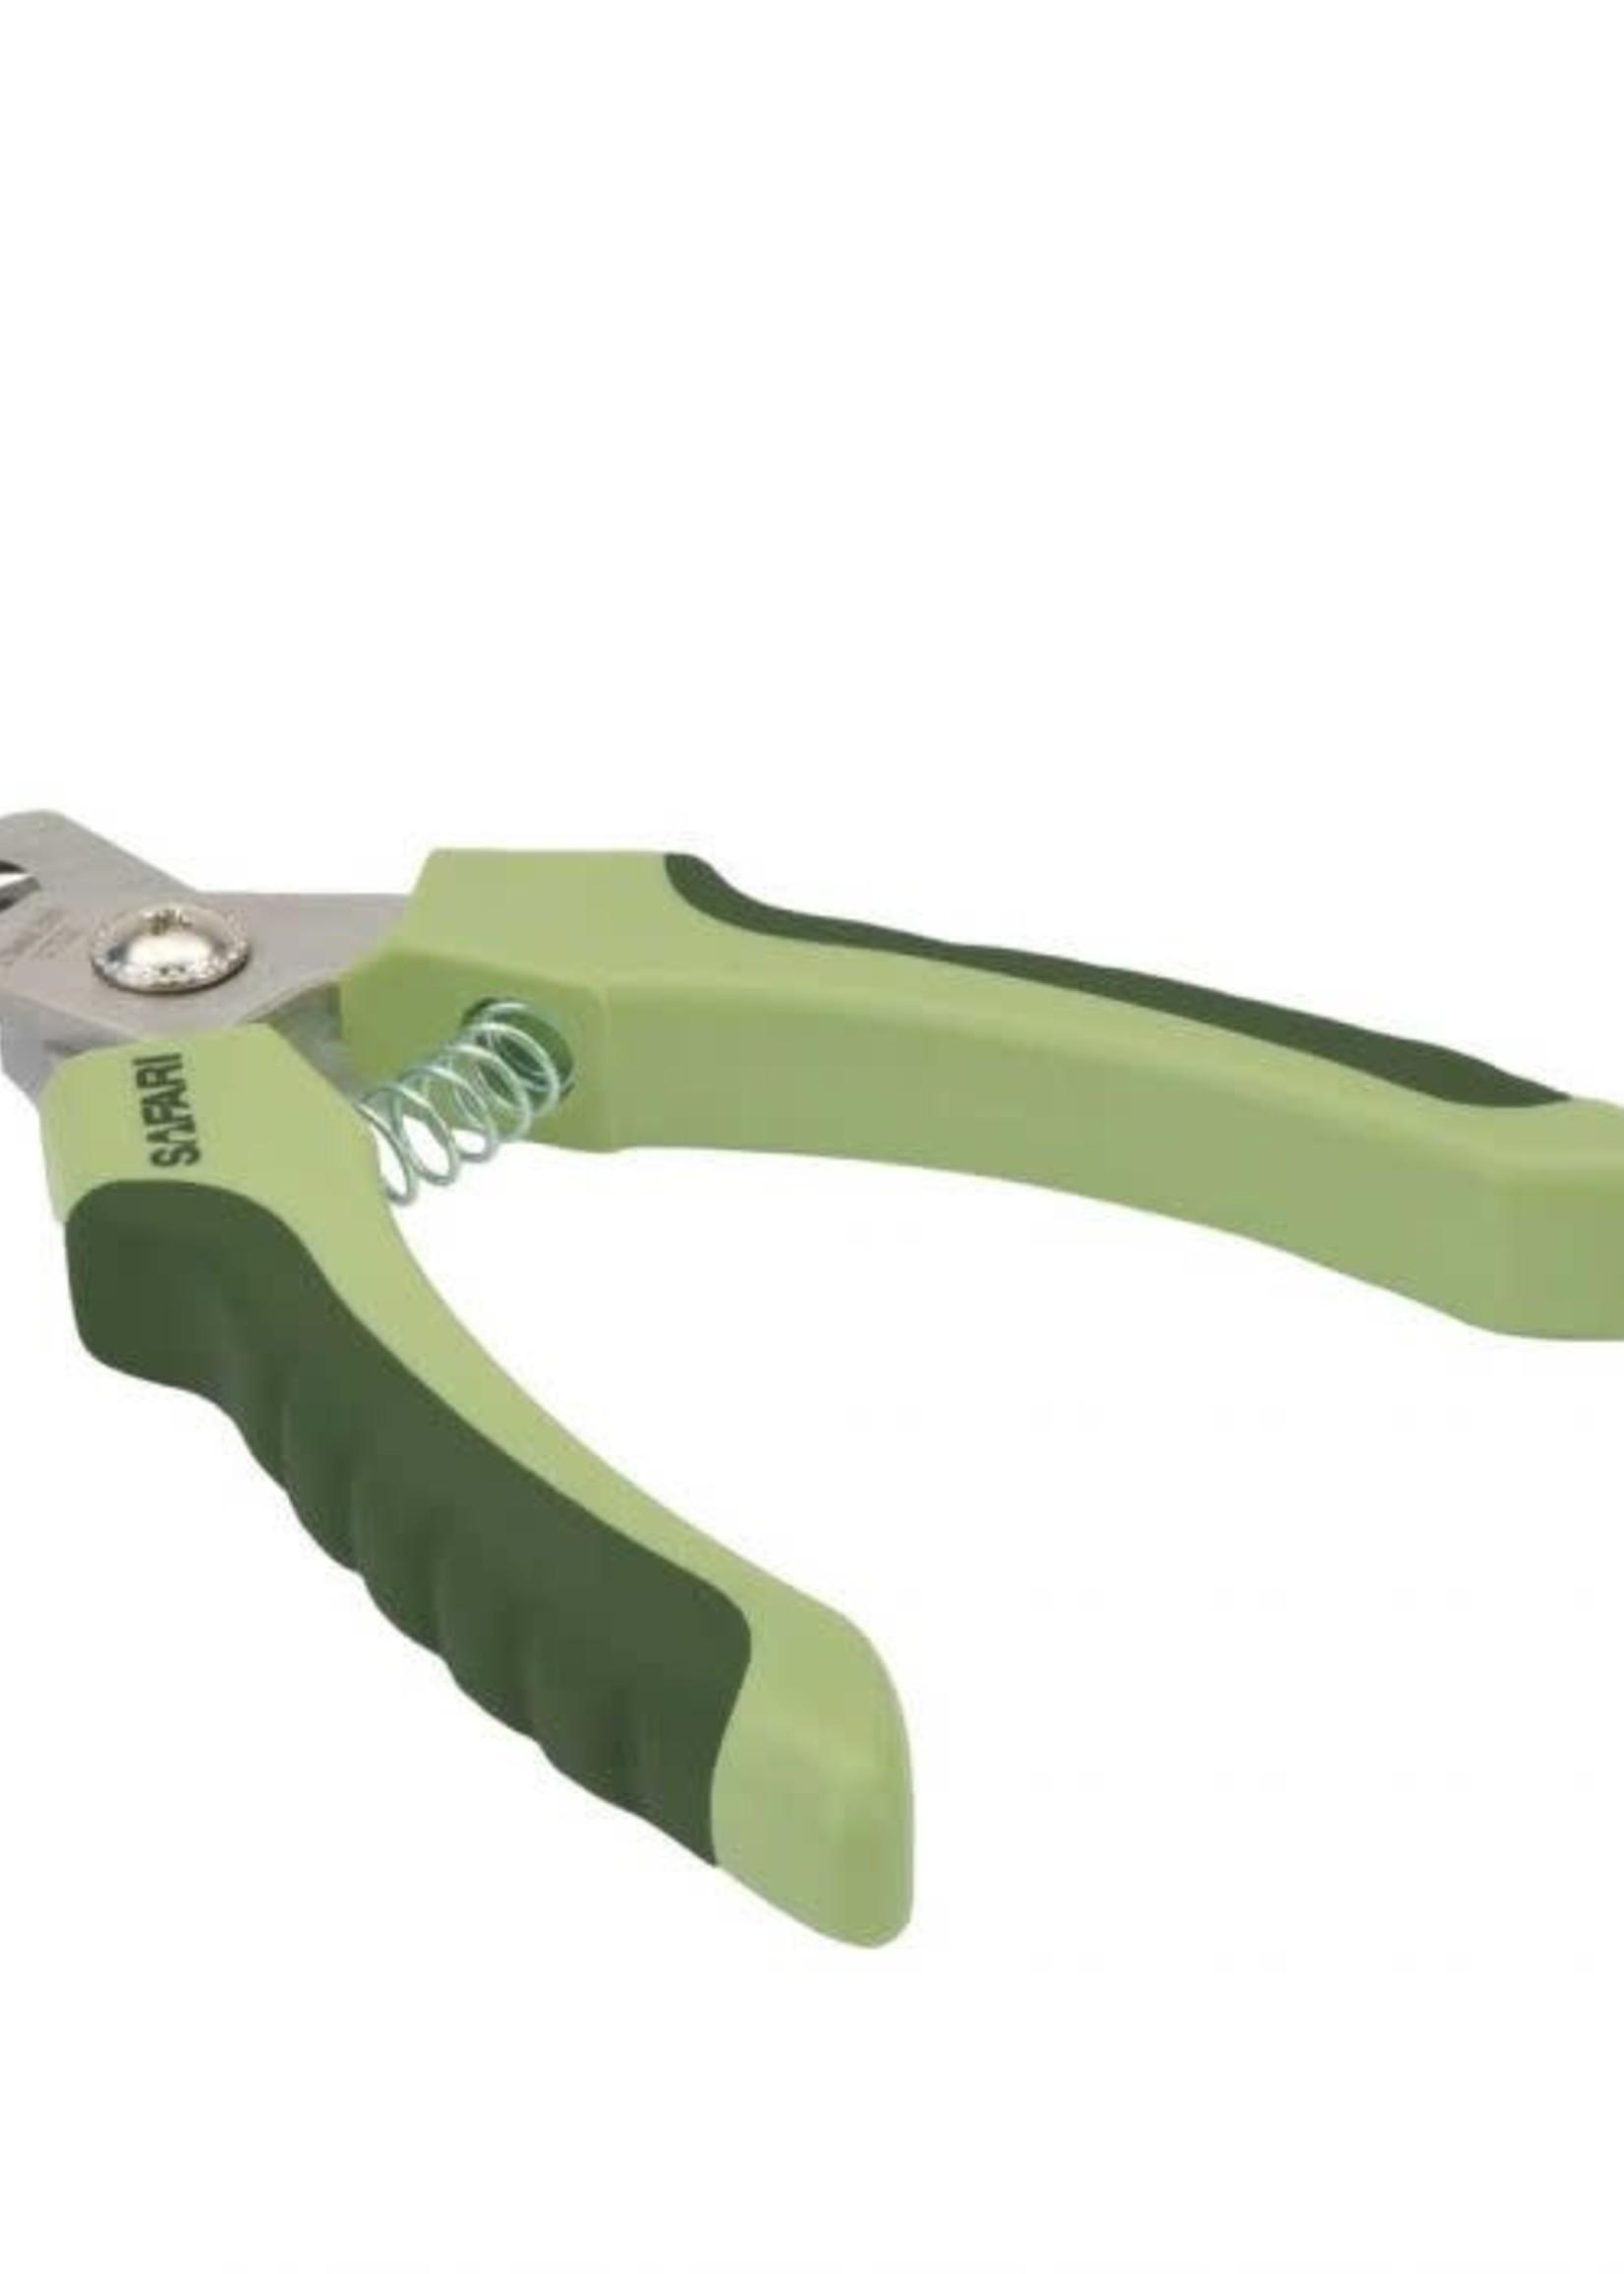 Safari® Safari Professional Nail Trimmer Large